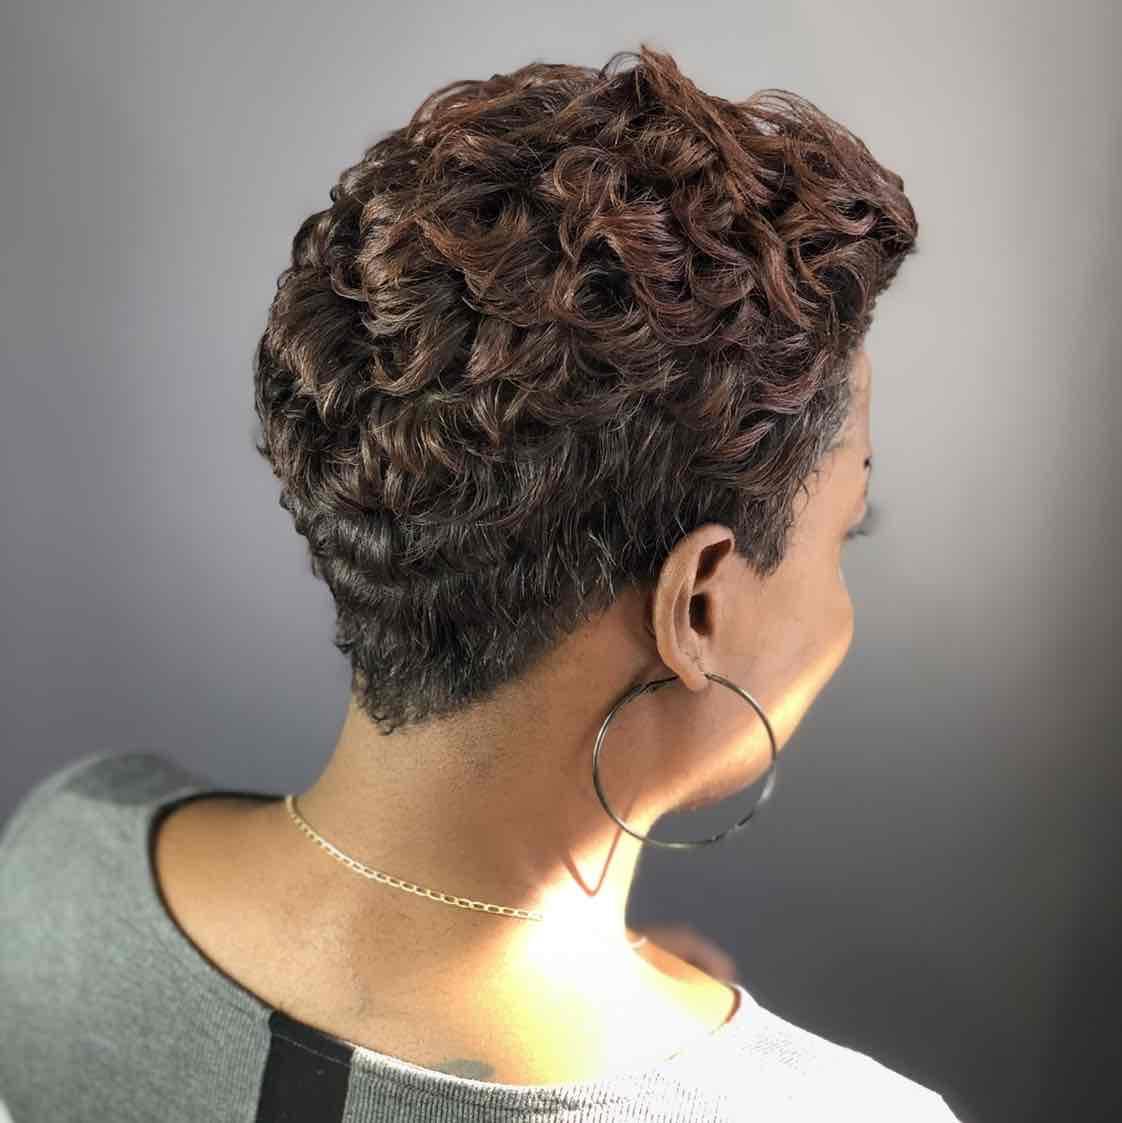 salon de coiffure afro tresse tresses box braids crochet braids vanilles tissages paris 75 77 78 91 92 93 94 95 BFXFVFVW